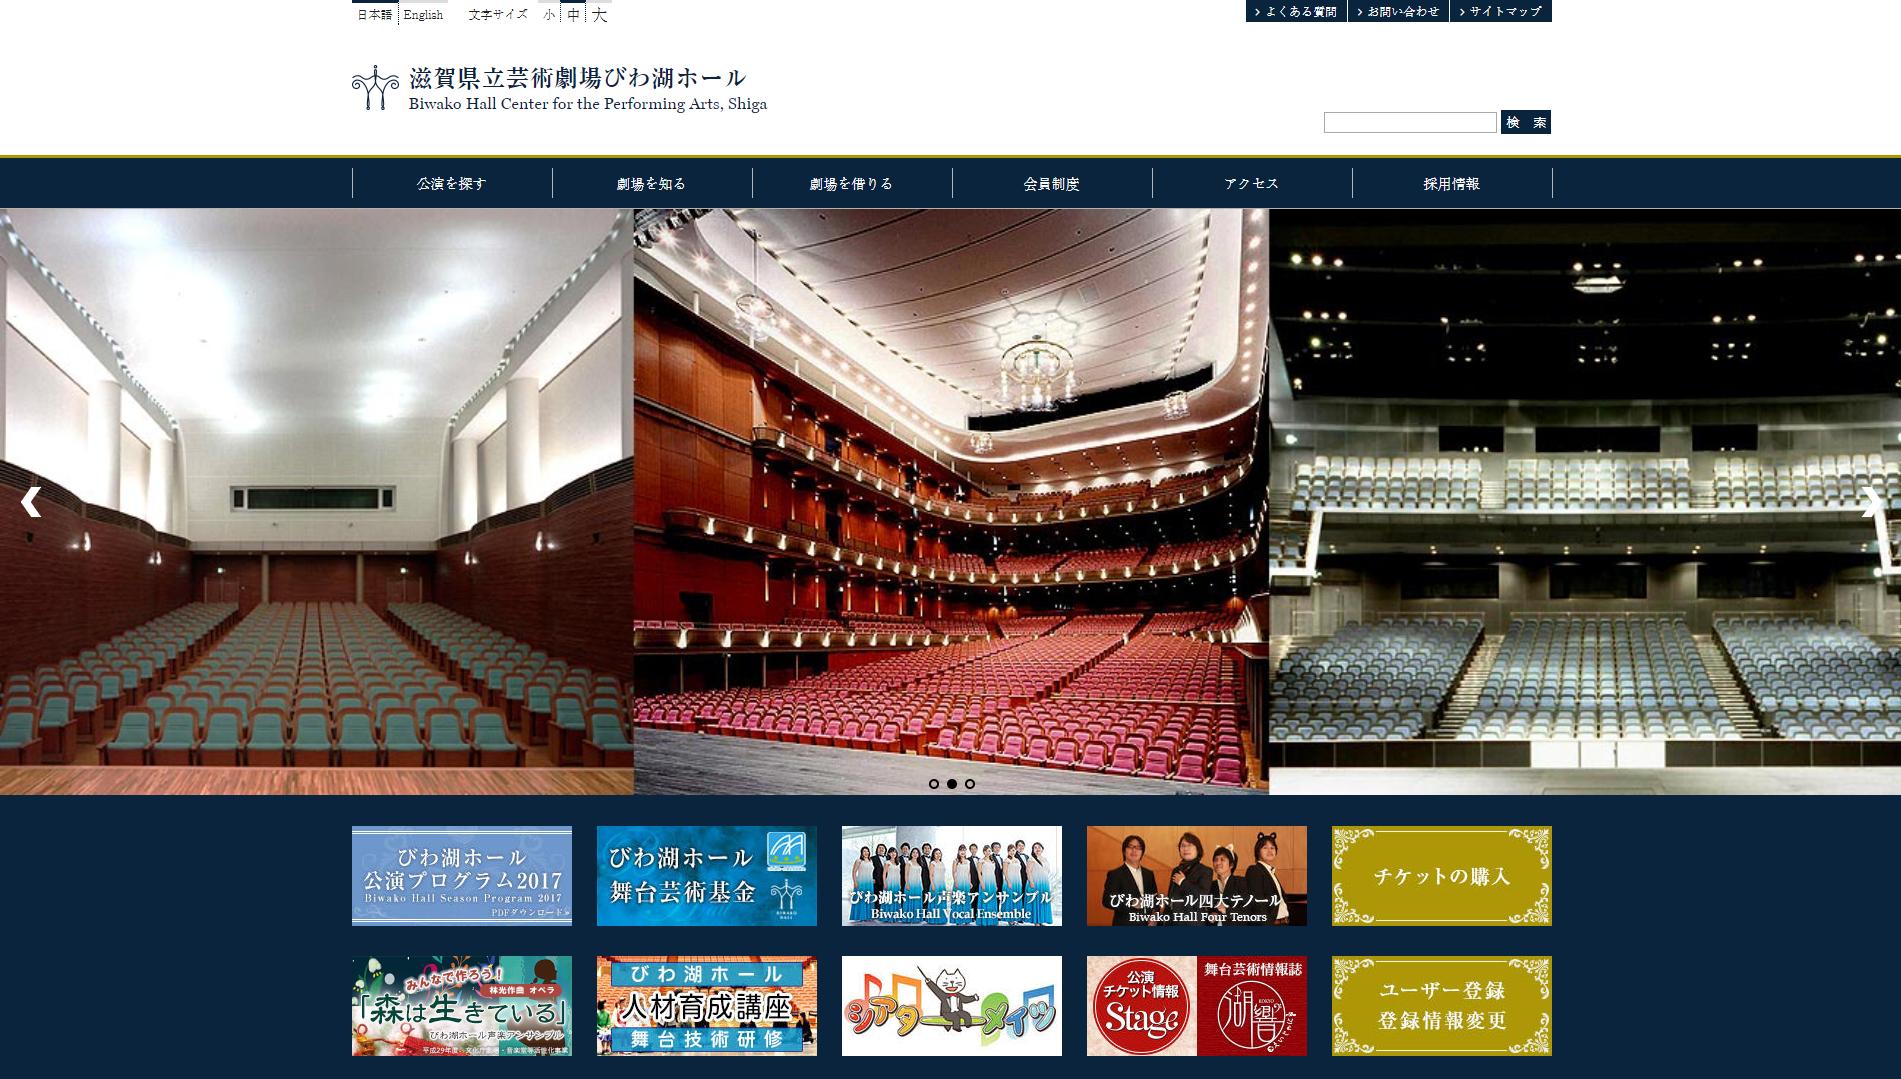 滋賀県立芸術劇場びわ湖ホールの座席表と会場情報